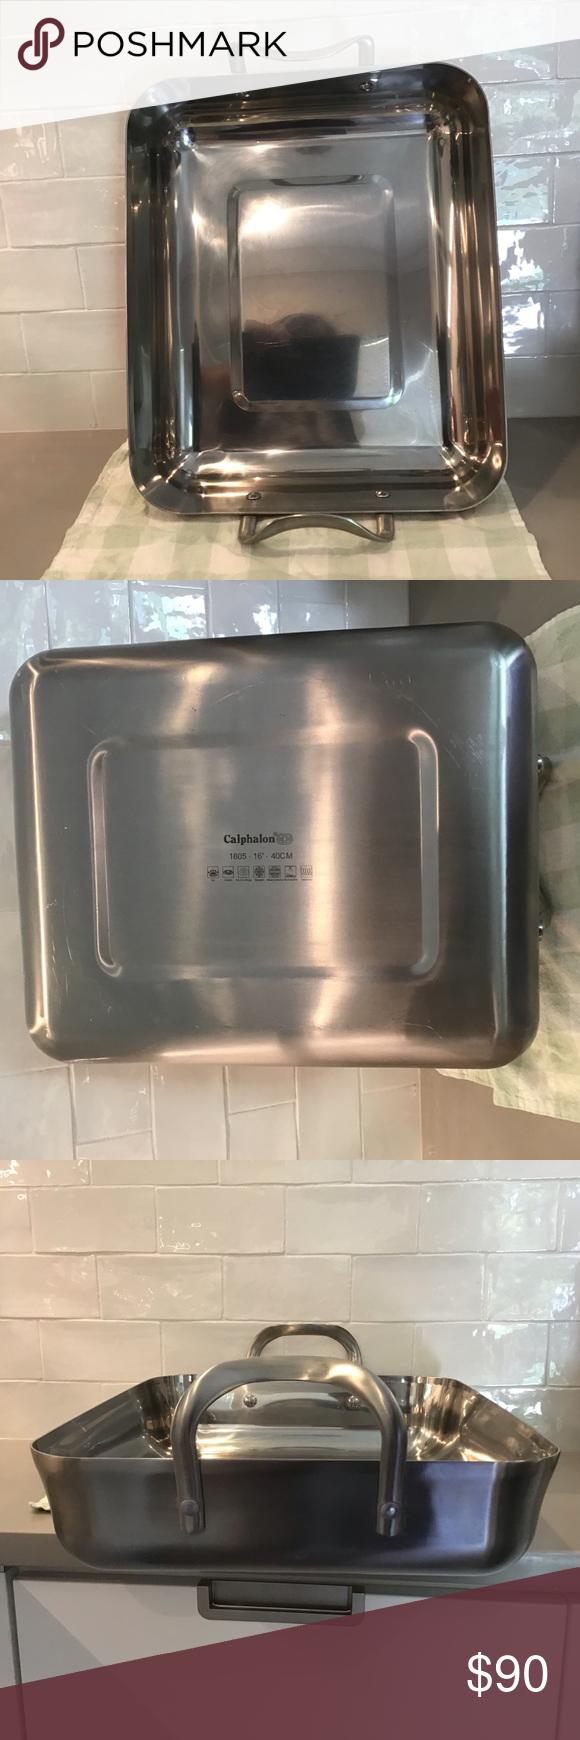 Pin On My Posh Picks Calphalon contemporary stainless roasting pan with rack